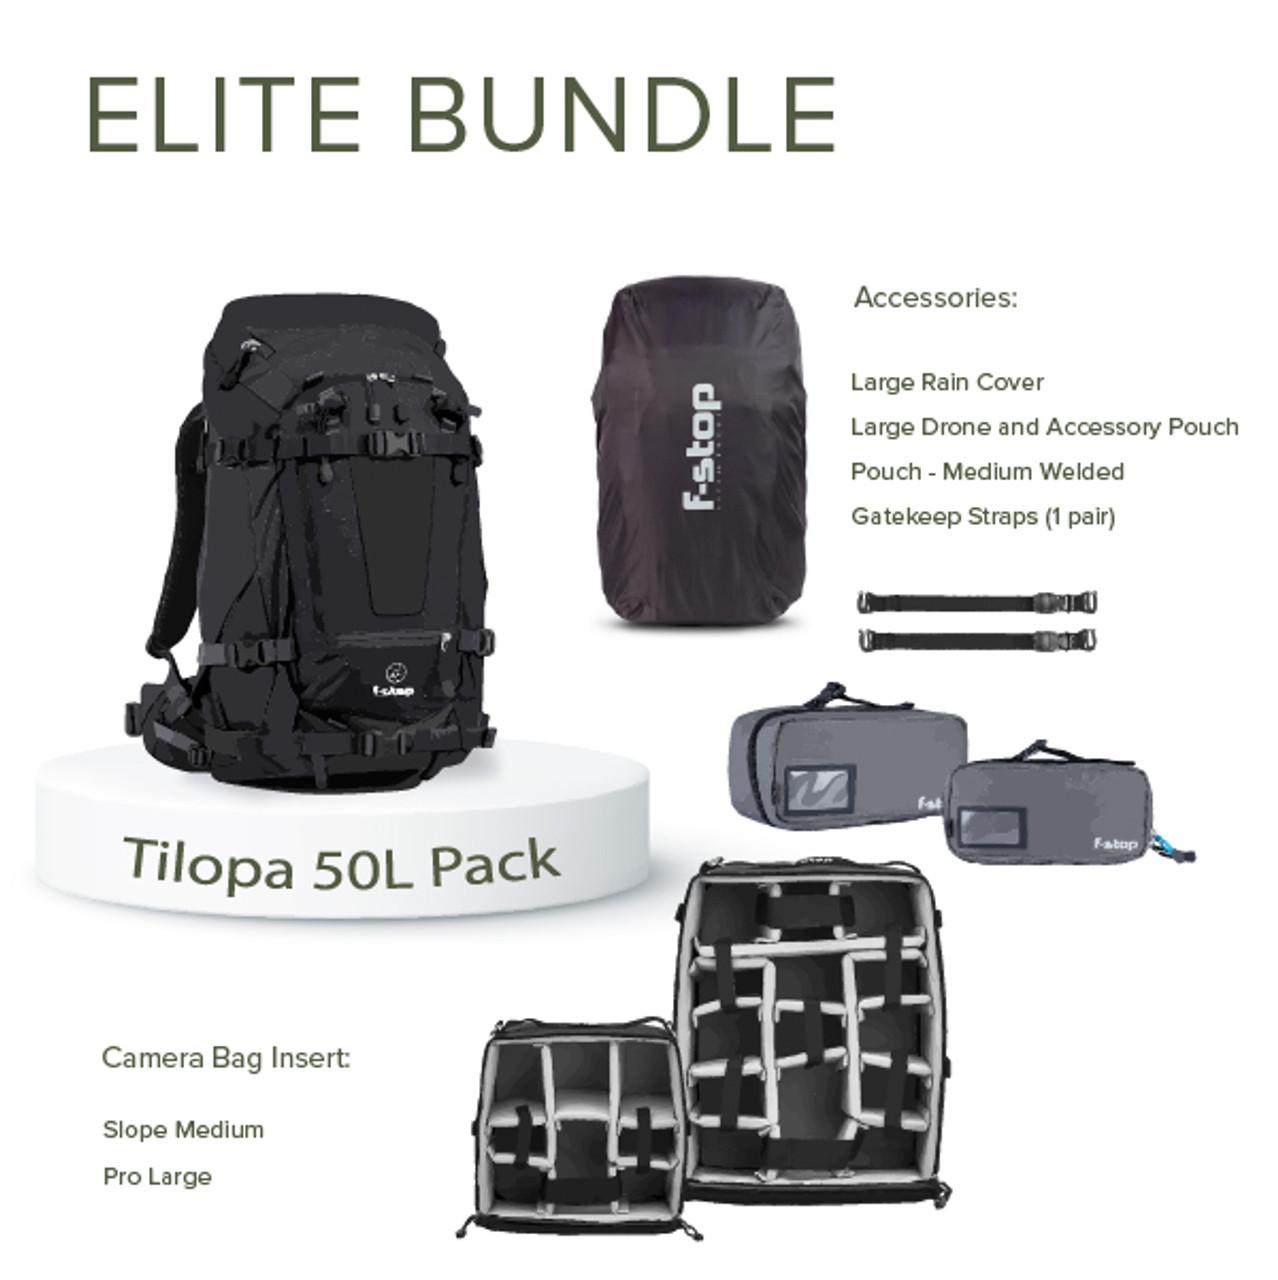 TILOPA - 50 Liter Backpack Elite Bundle